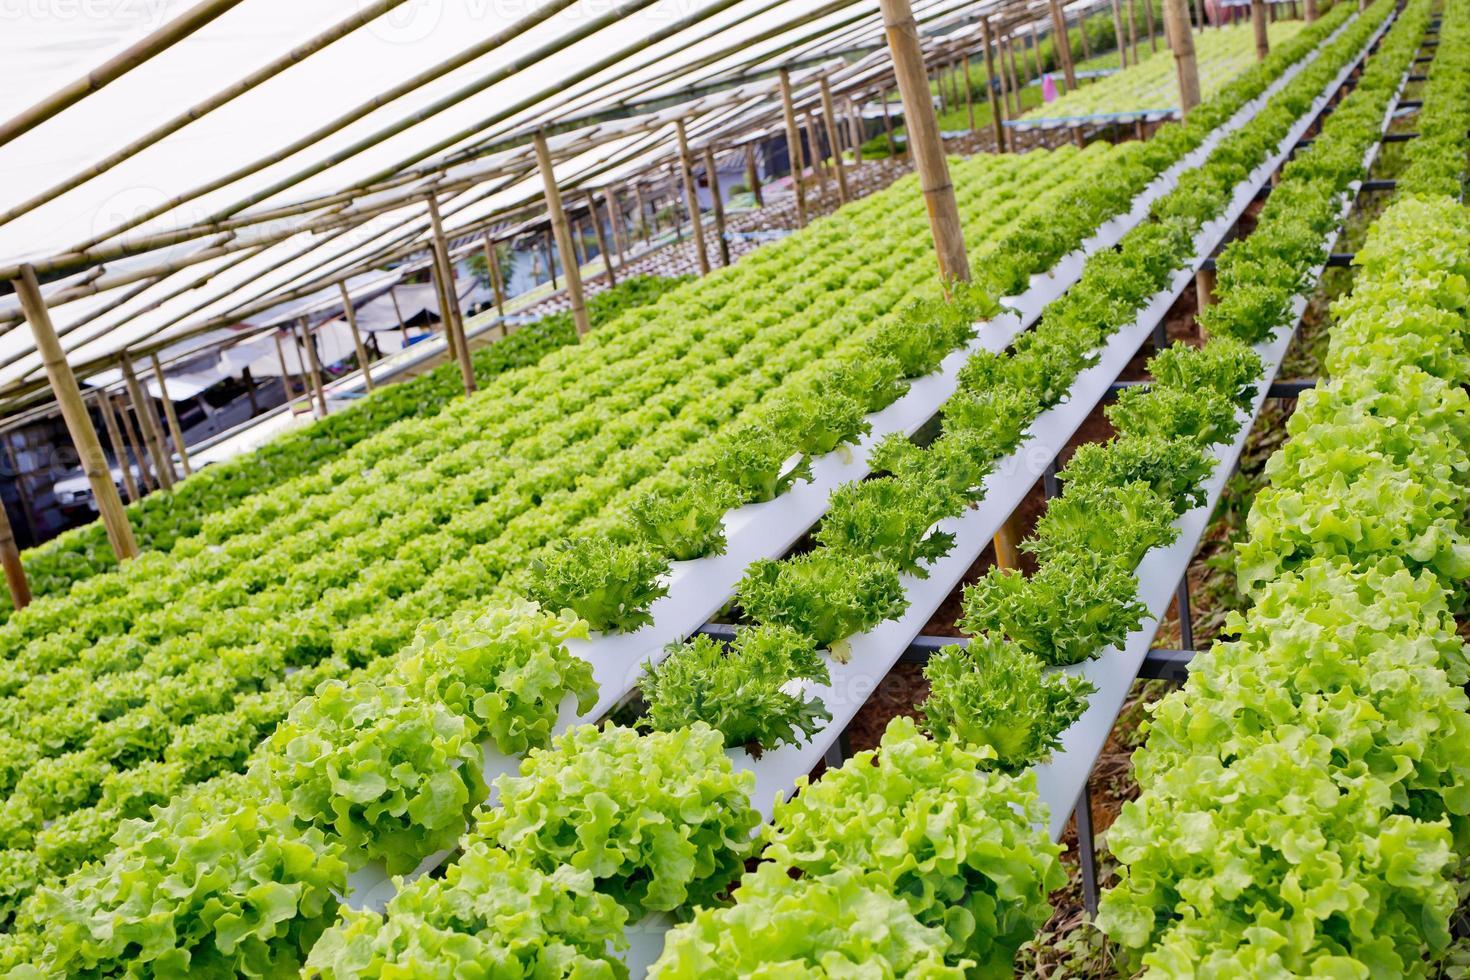 biologische hydrocultuur groenteteelt boerderij. foto